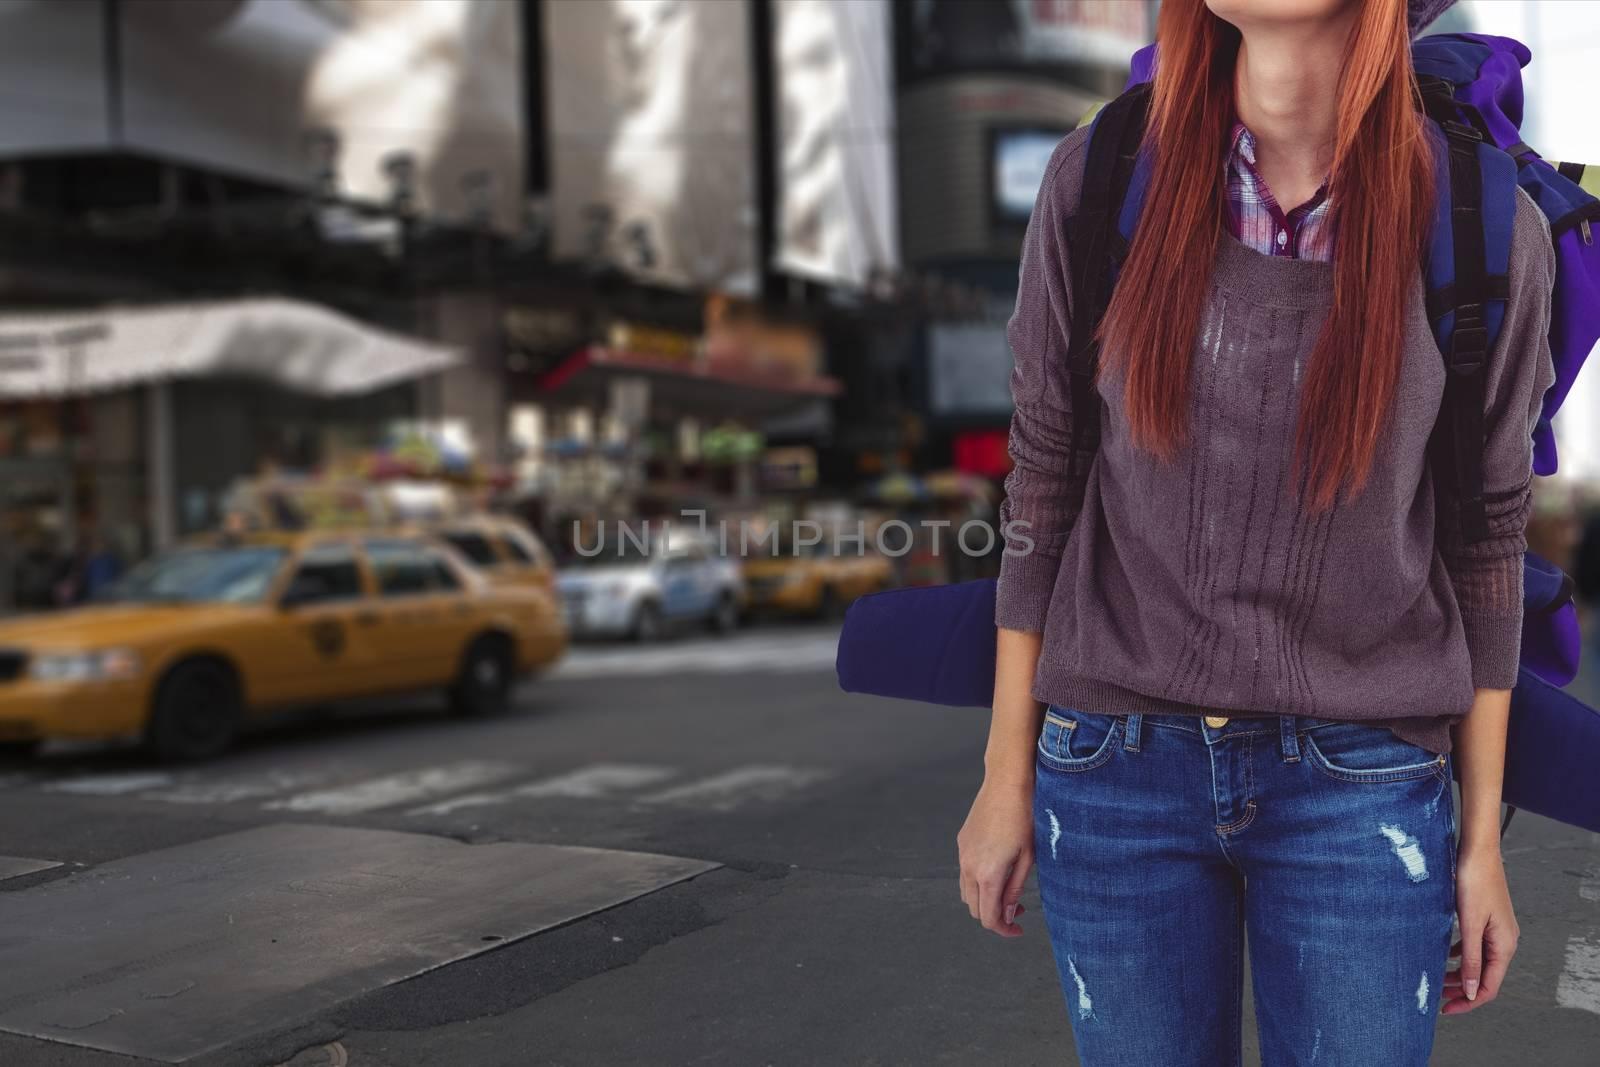 Digital composite of travel torso16